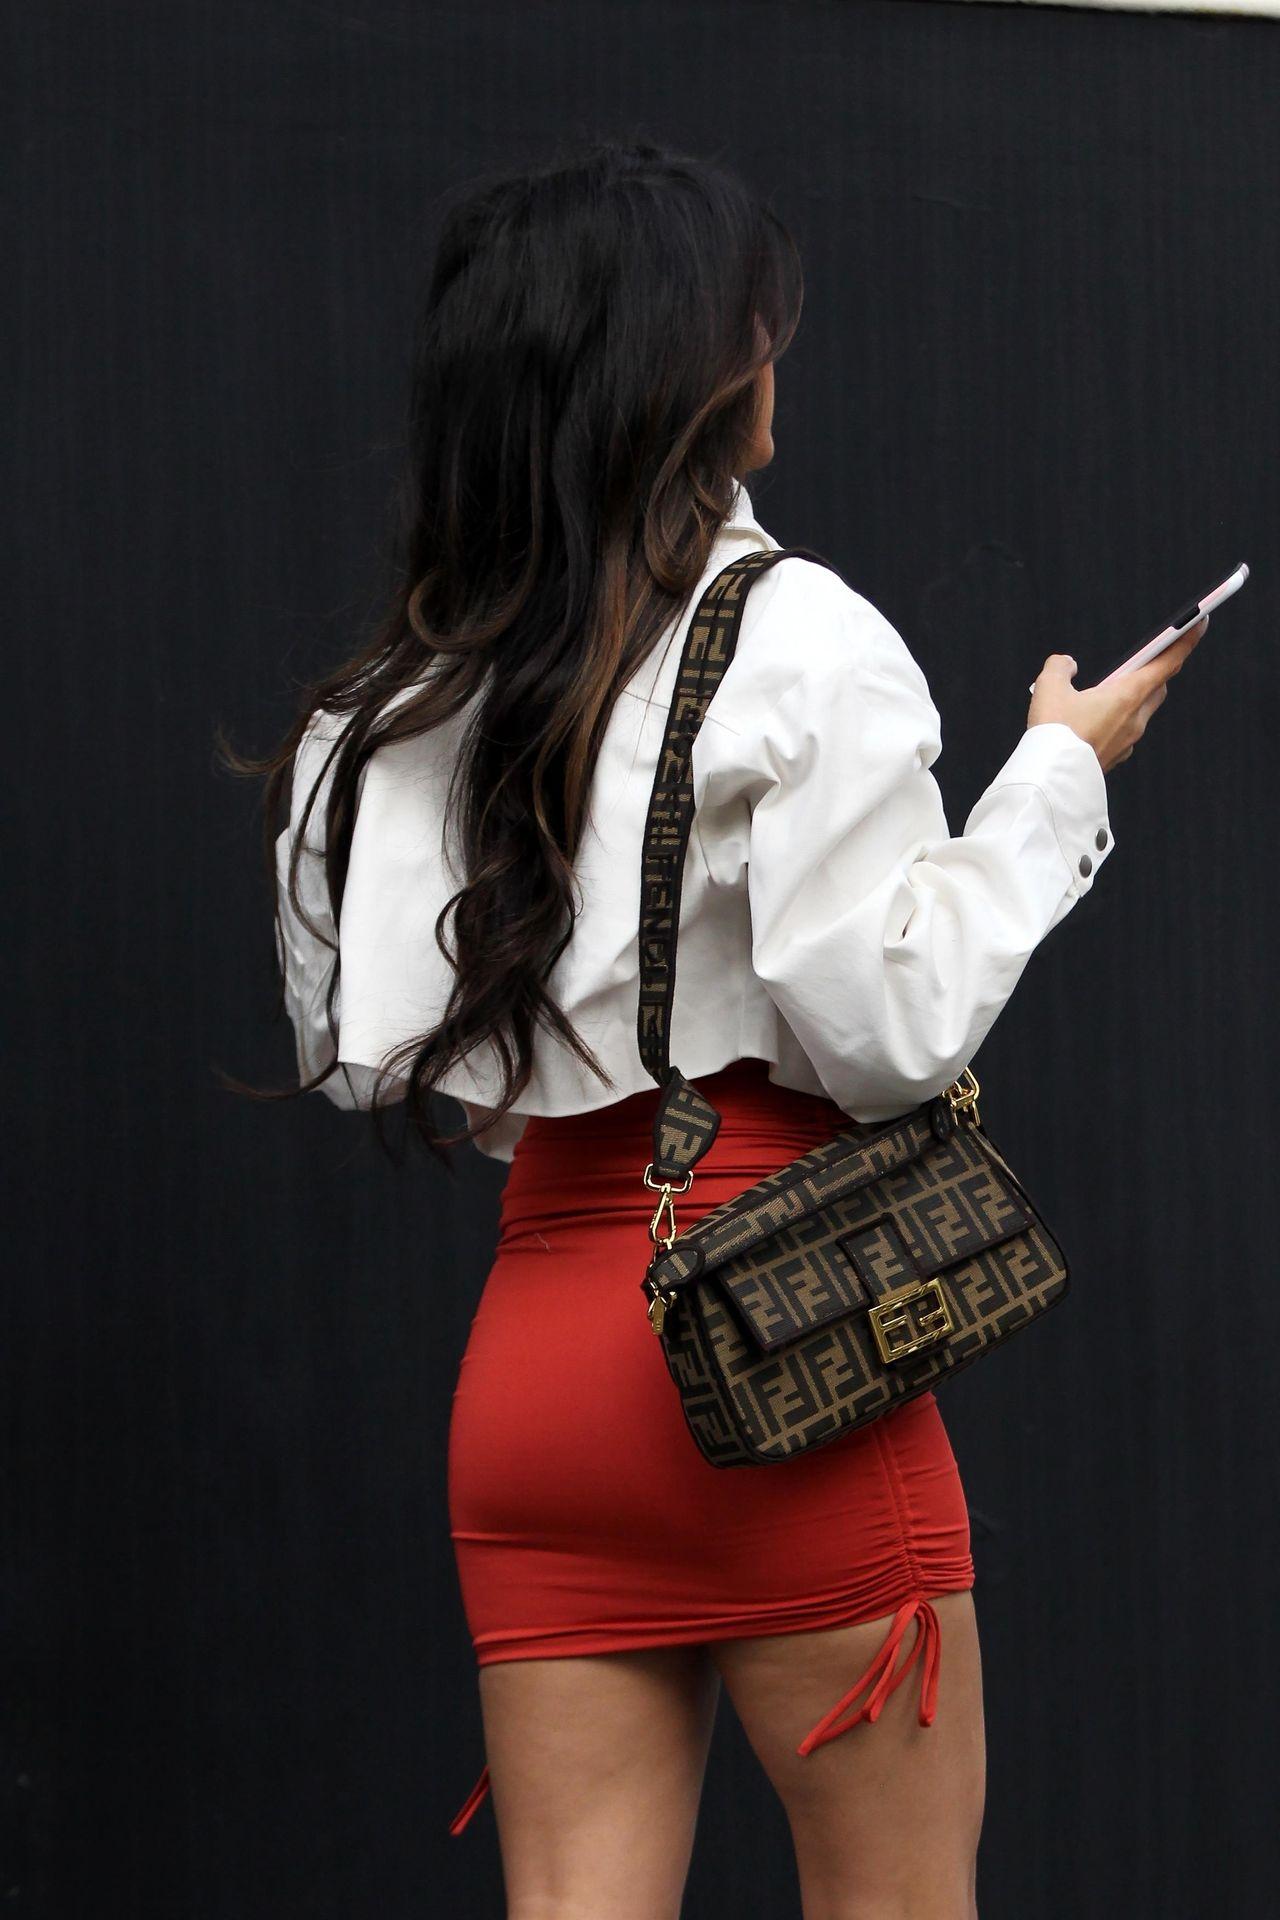 Sexy Jasmin Walia Starts Her Week At La Studio 0044